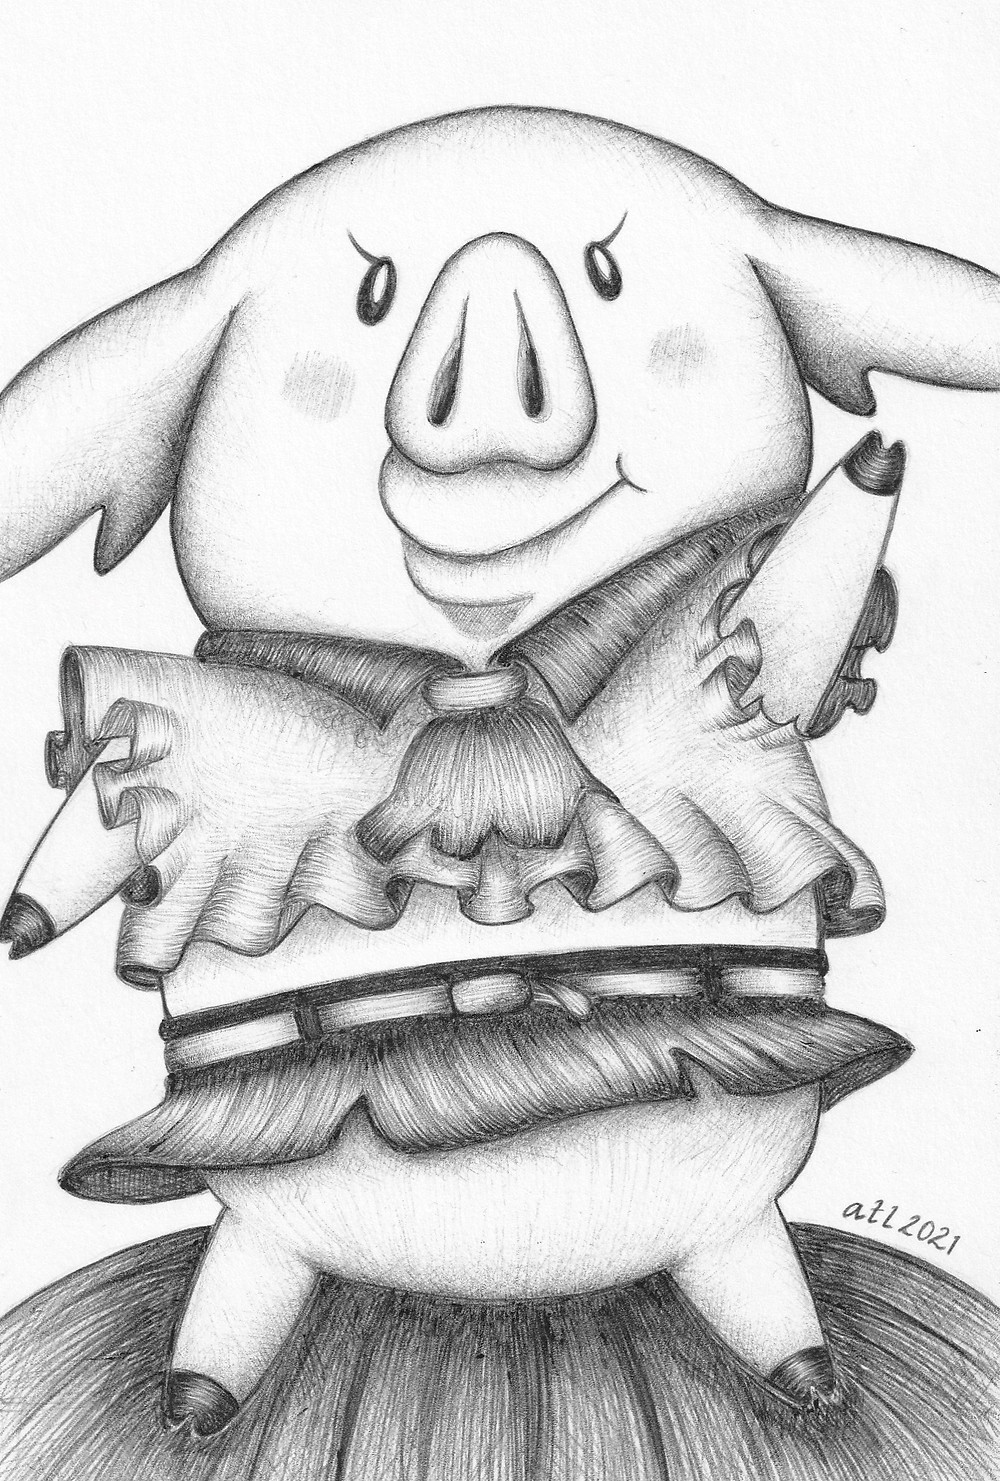 Anna Legaspi Art, annalegaspiart, annalegaspi, Hawk, Seven Deadly Sins, Biro art, Ballpen art, black and white, anime, drawing, sketch, art,